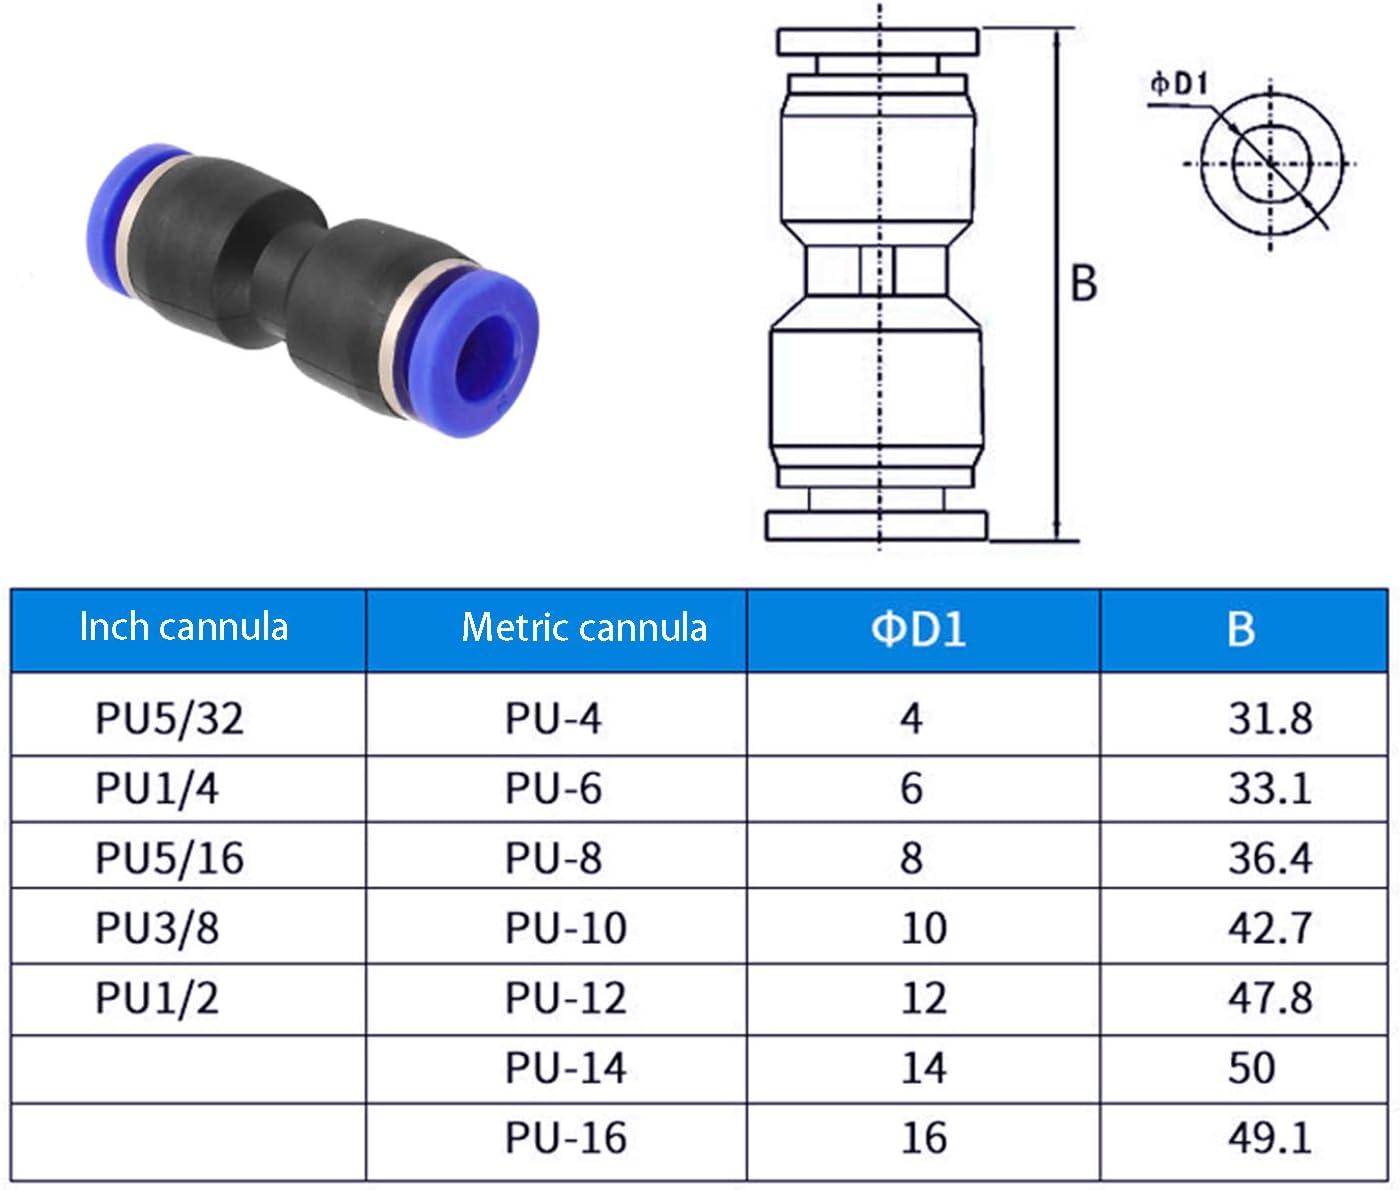 YouU 10 piezas Conector neum/ático de 6 mm de di/ámetro de 2 v/ías de manguera de tubo recto Aire neum/ático Conector de inserci/ón r/ápida